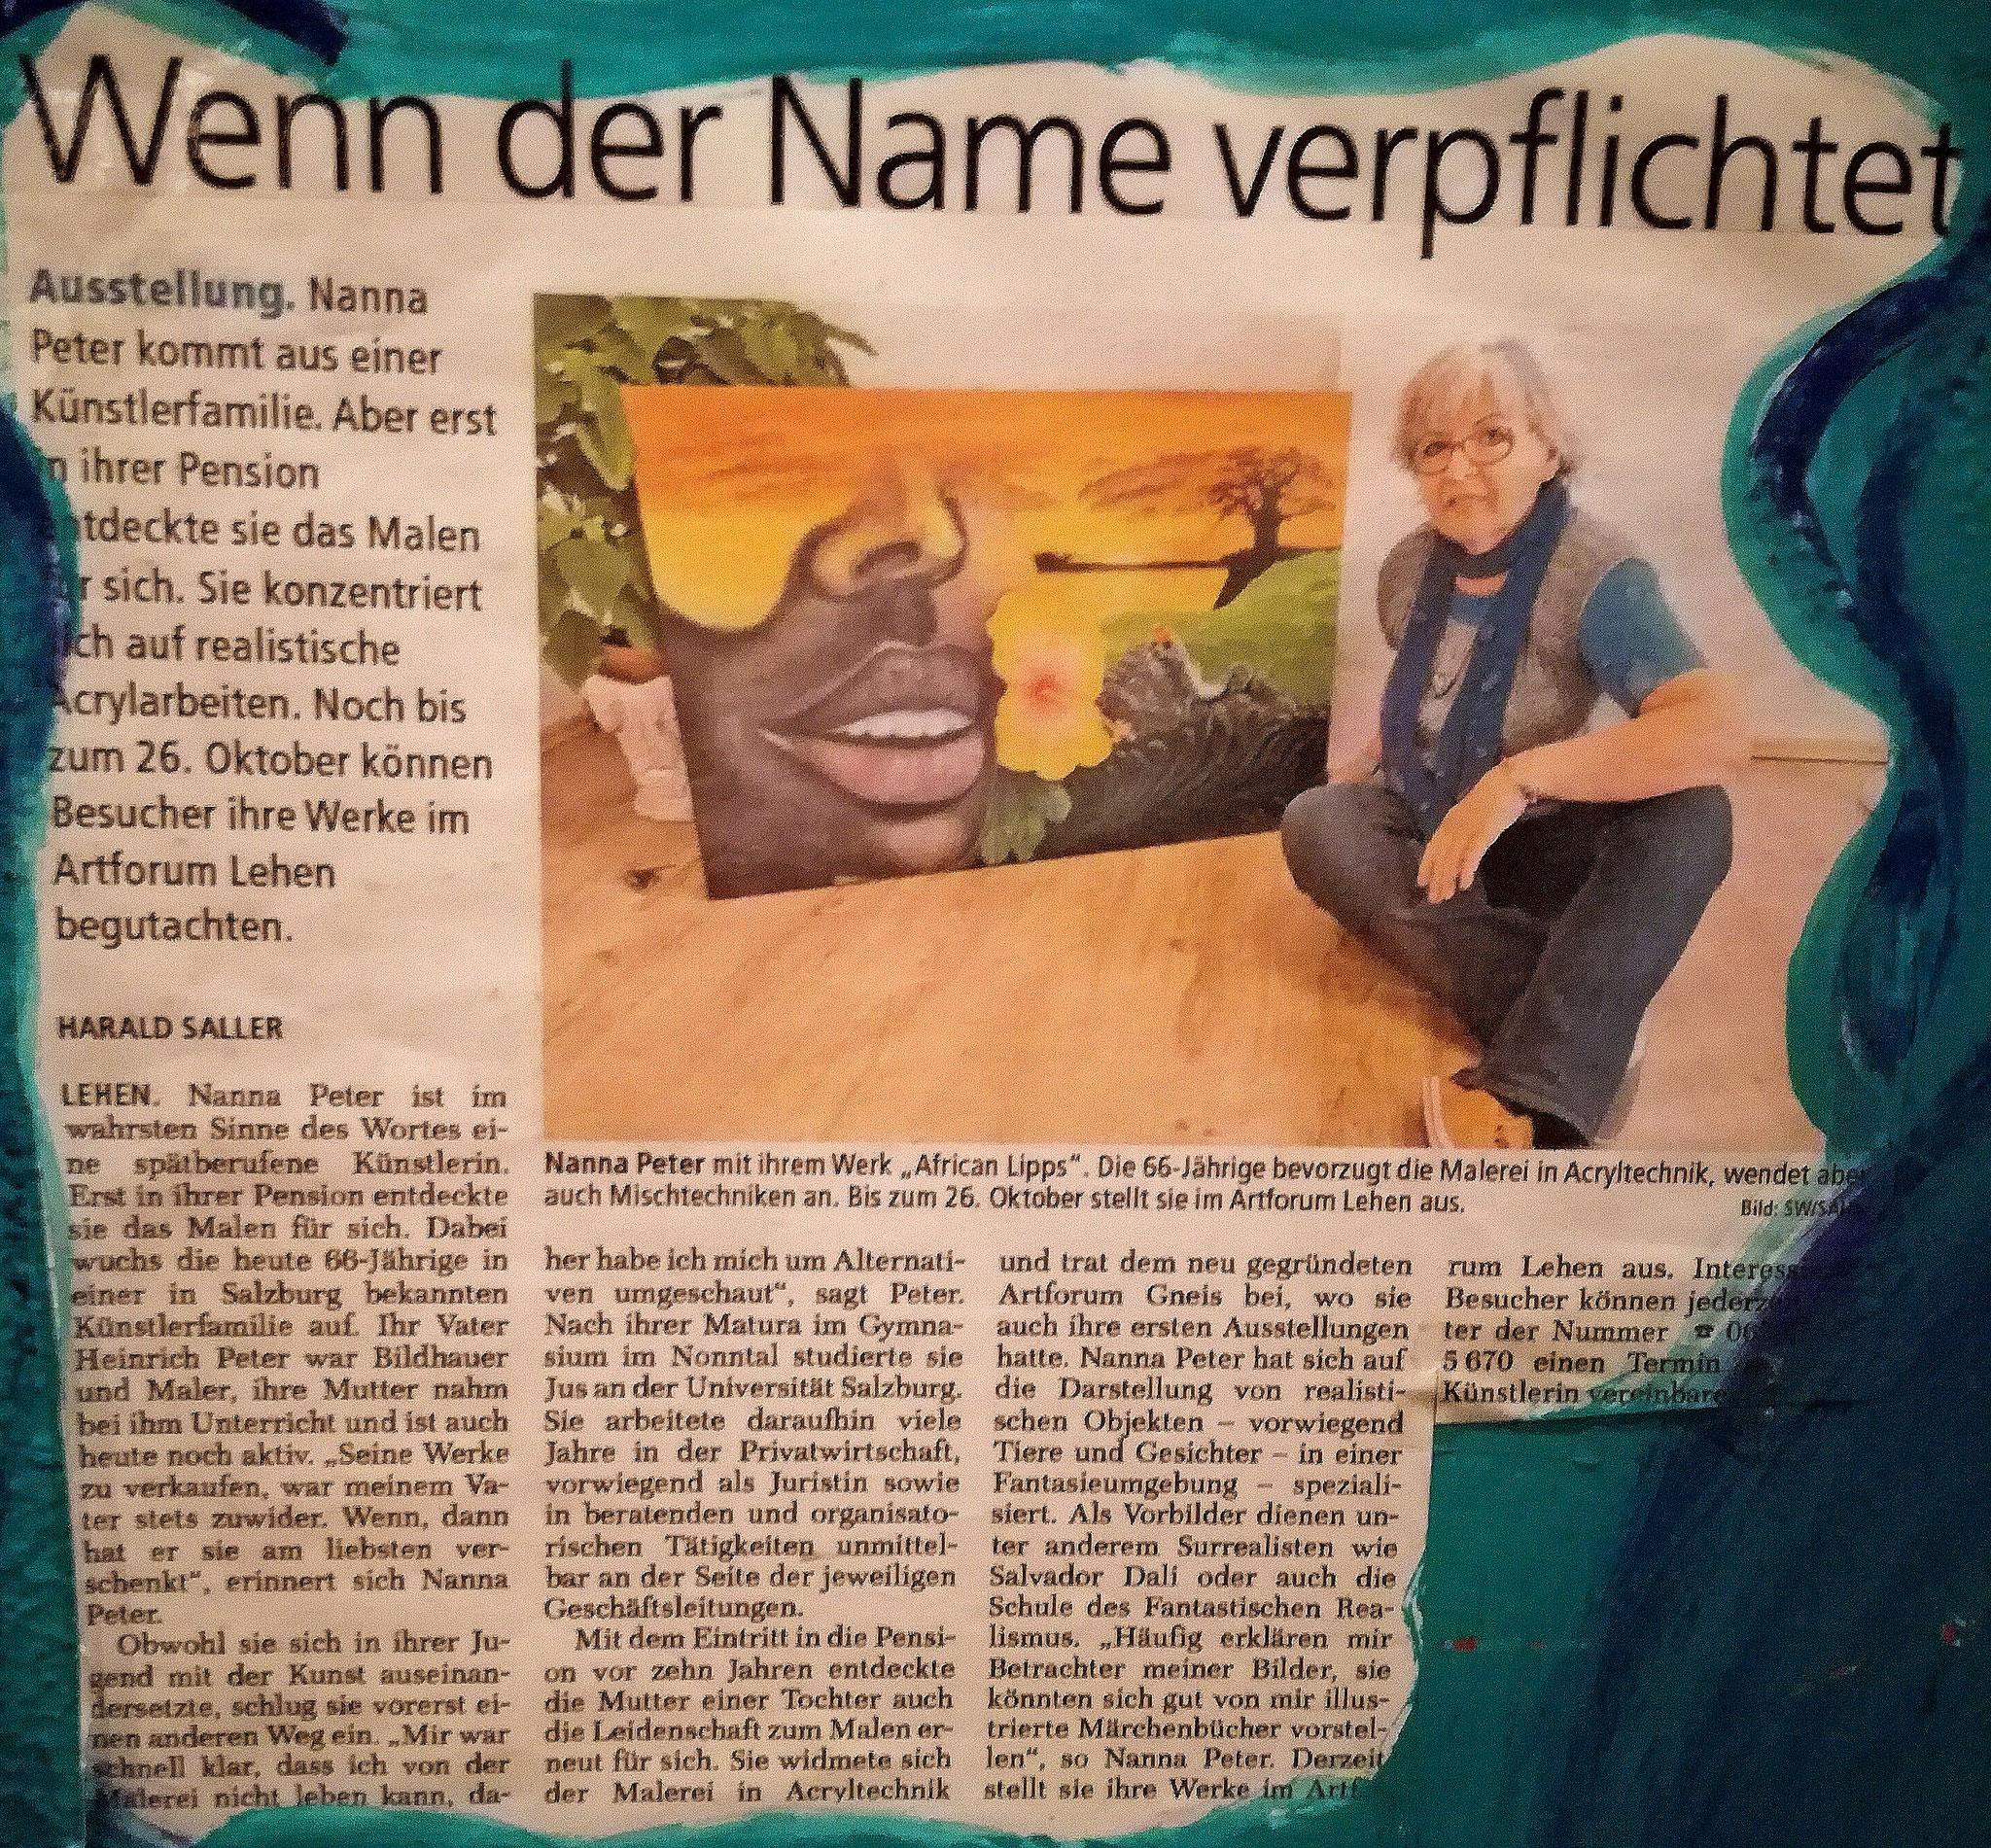 Artikel von Harald Saller in den Stadtnachrichten